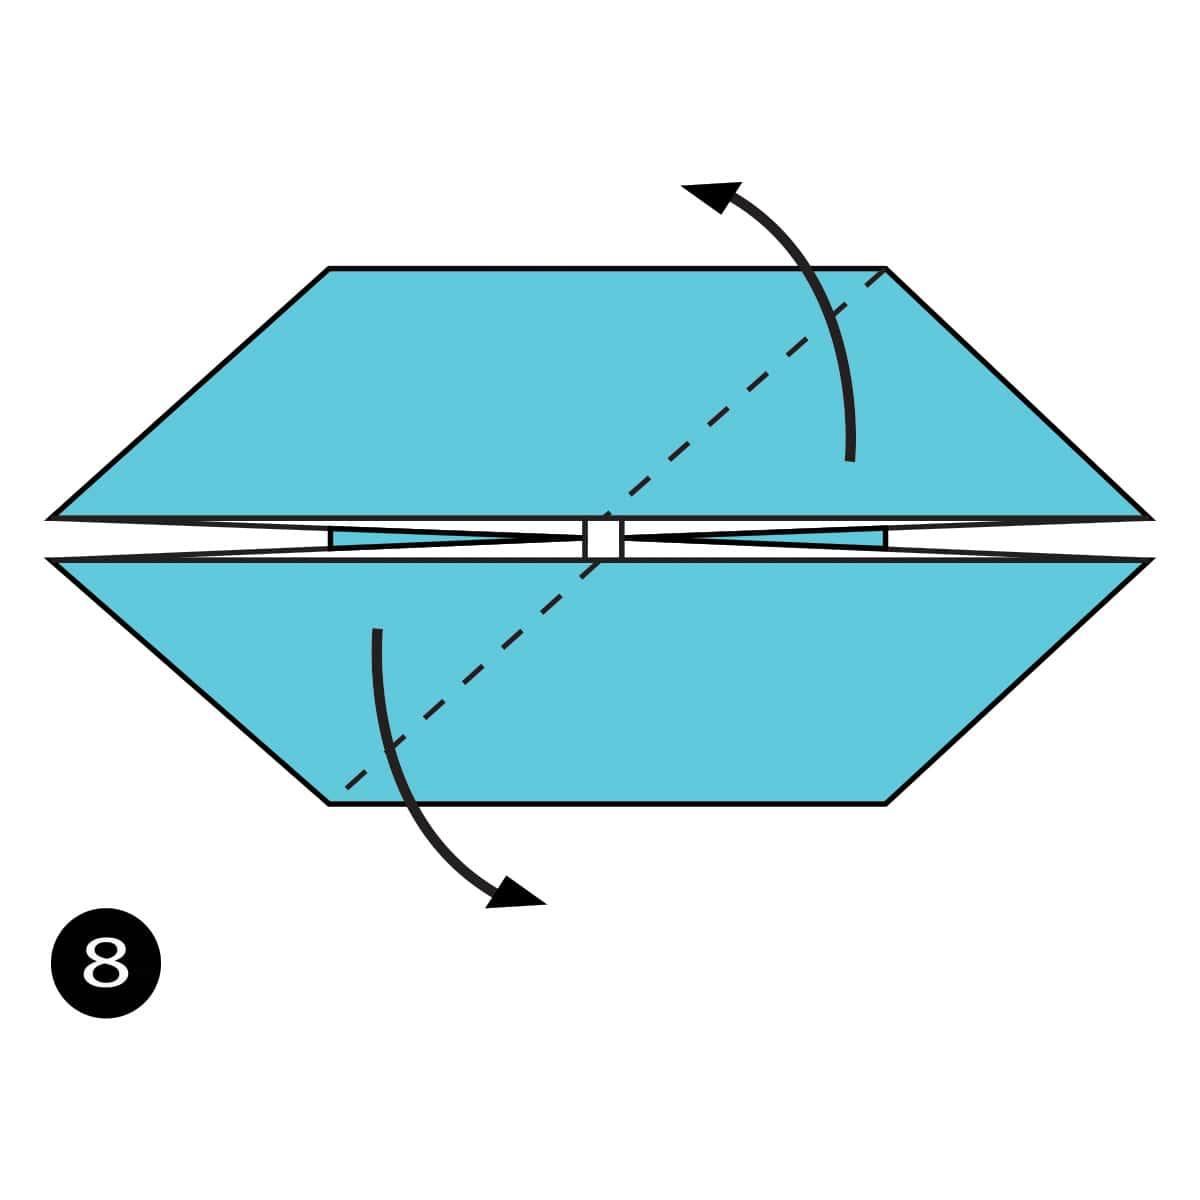 Pinwheel Step 8